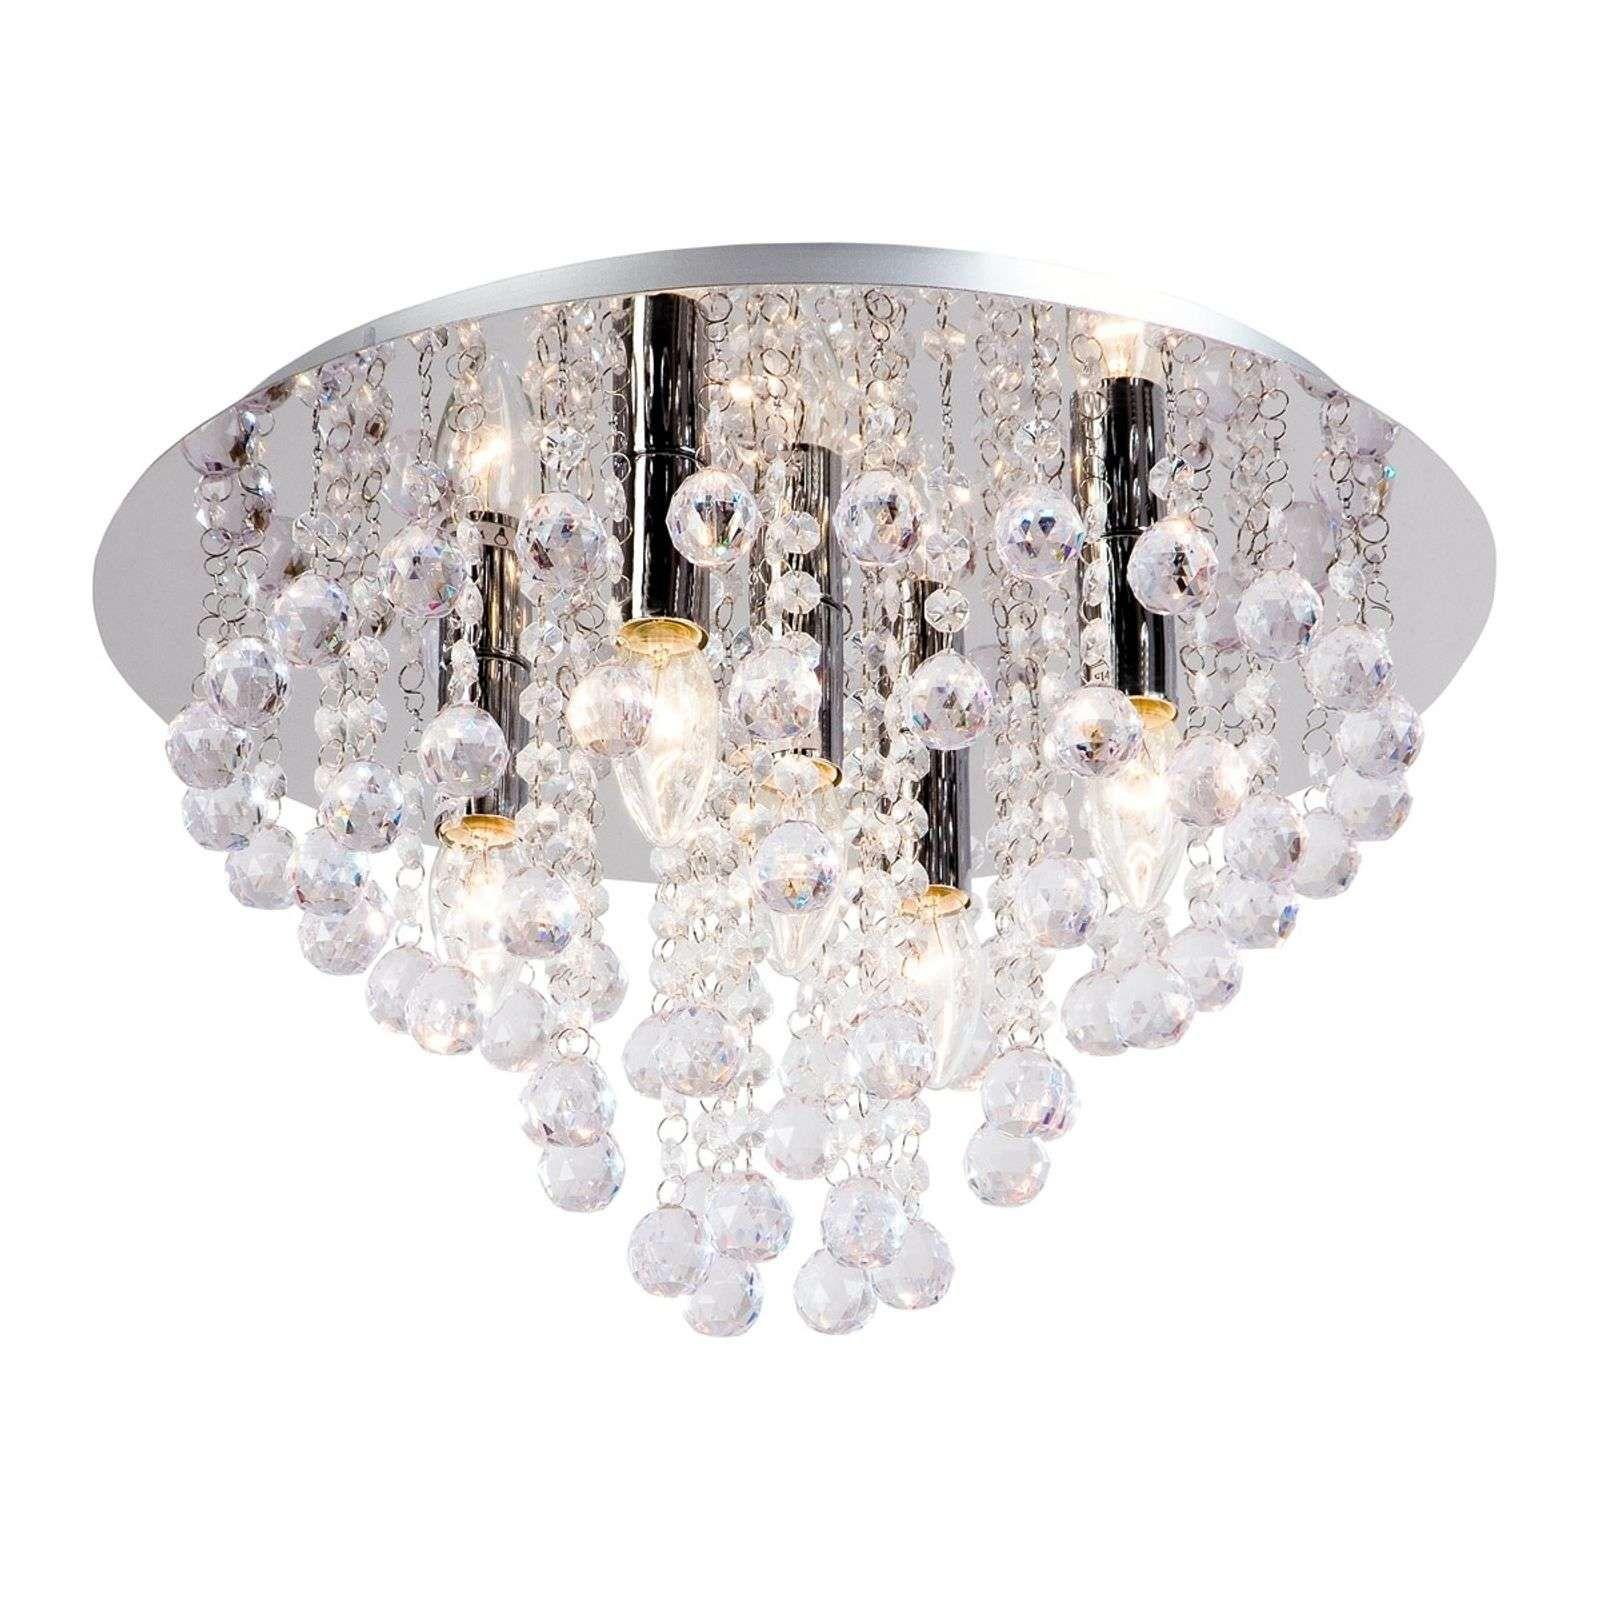 Plafondverlichting Met Sensor Slaapkamer Plafondverlichting Led Plafondlamp Badkamer Philips Praxis Plafondlampen Plafondlamp Plafondverlichting Lampen